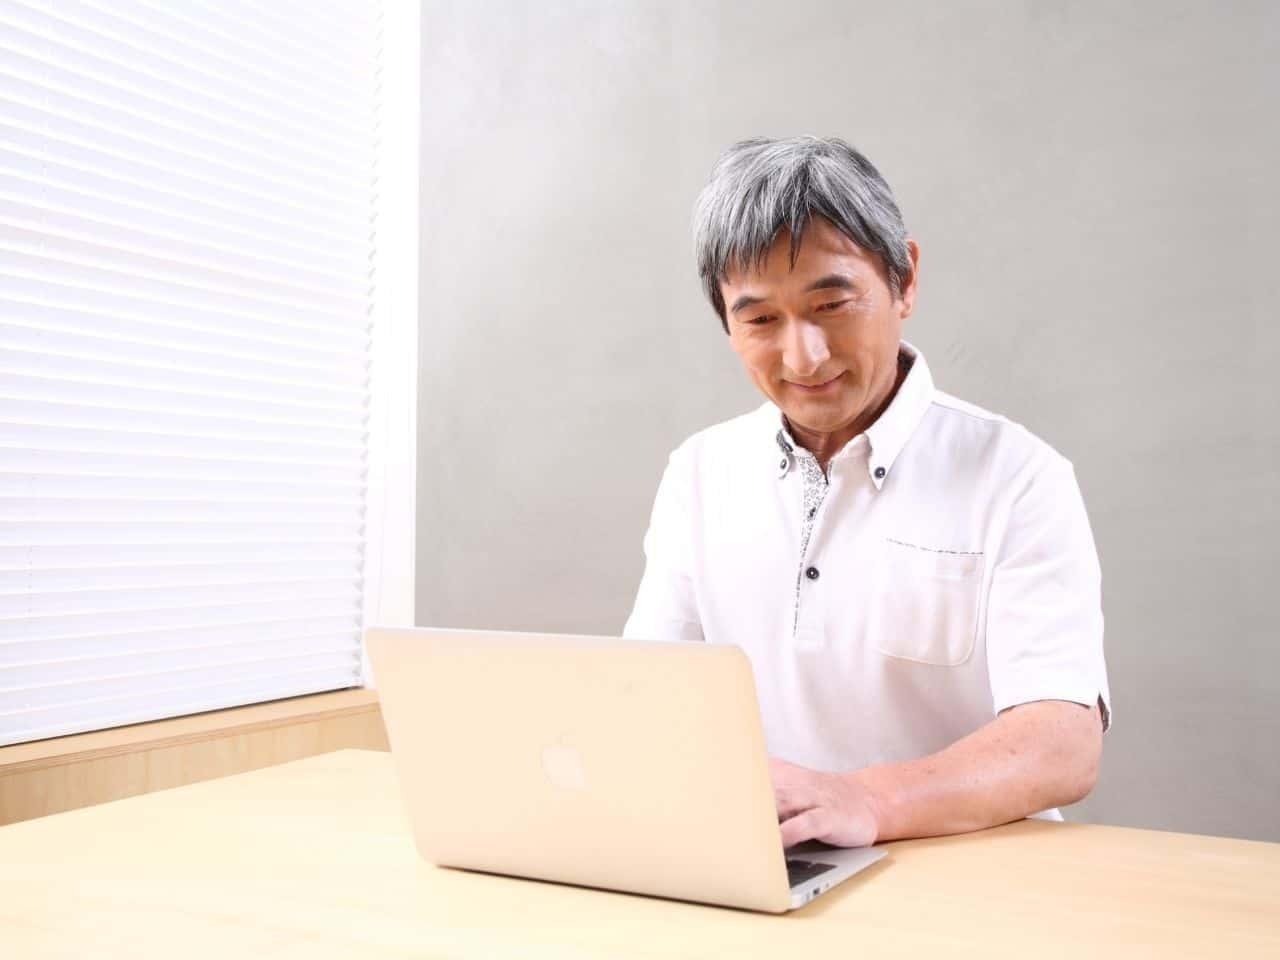 パソコンを使うシニア男性